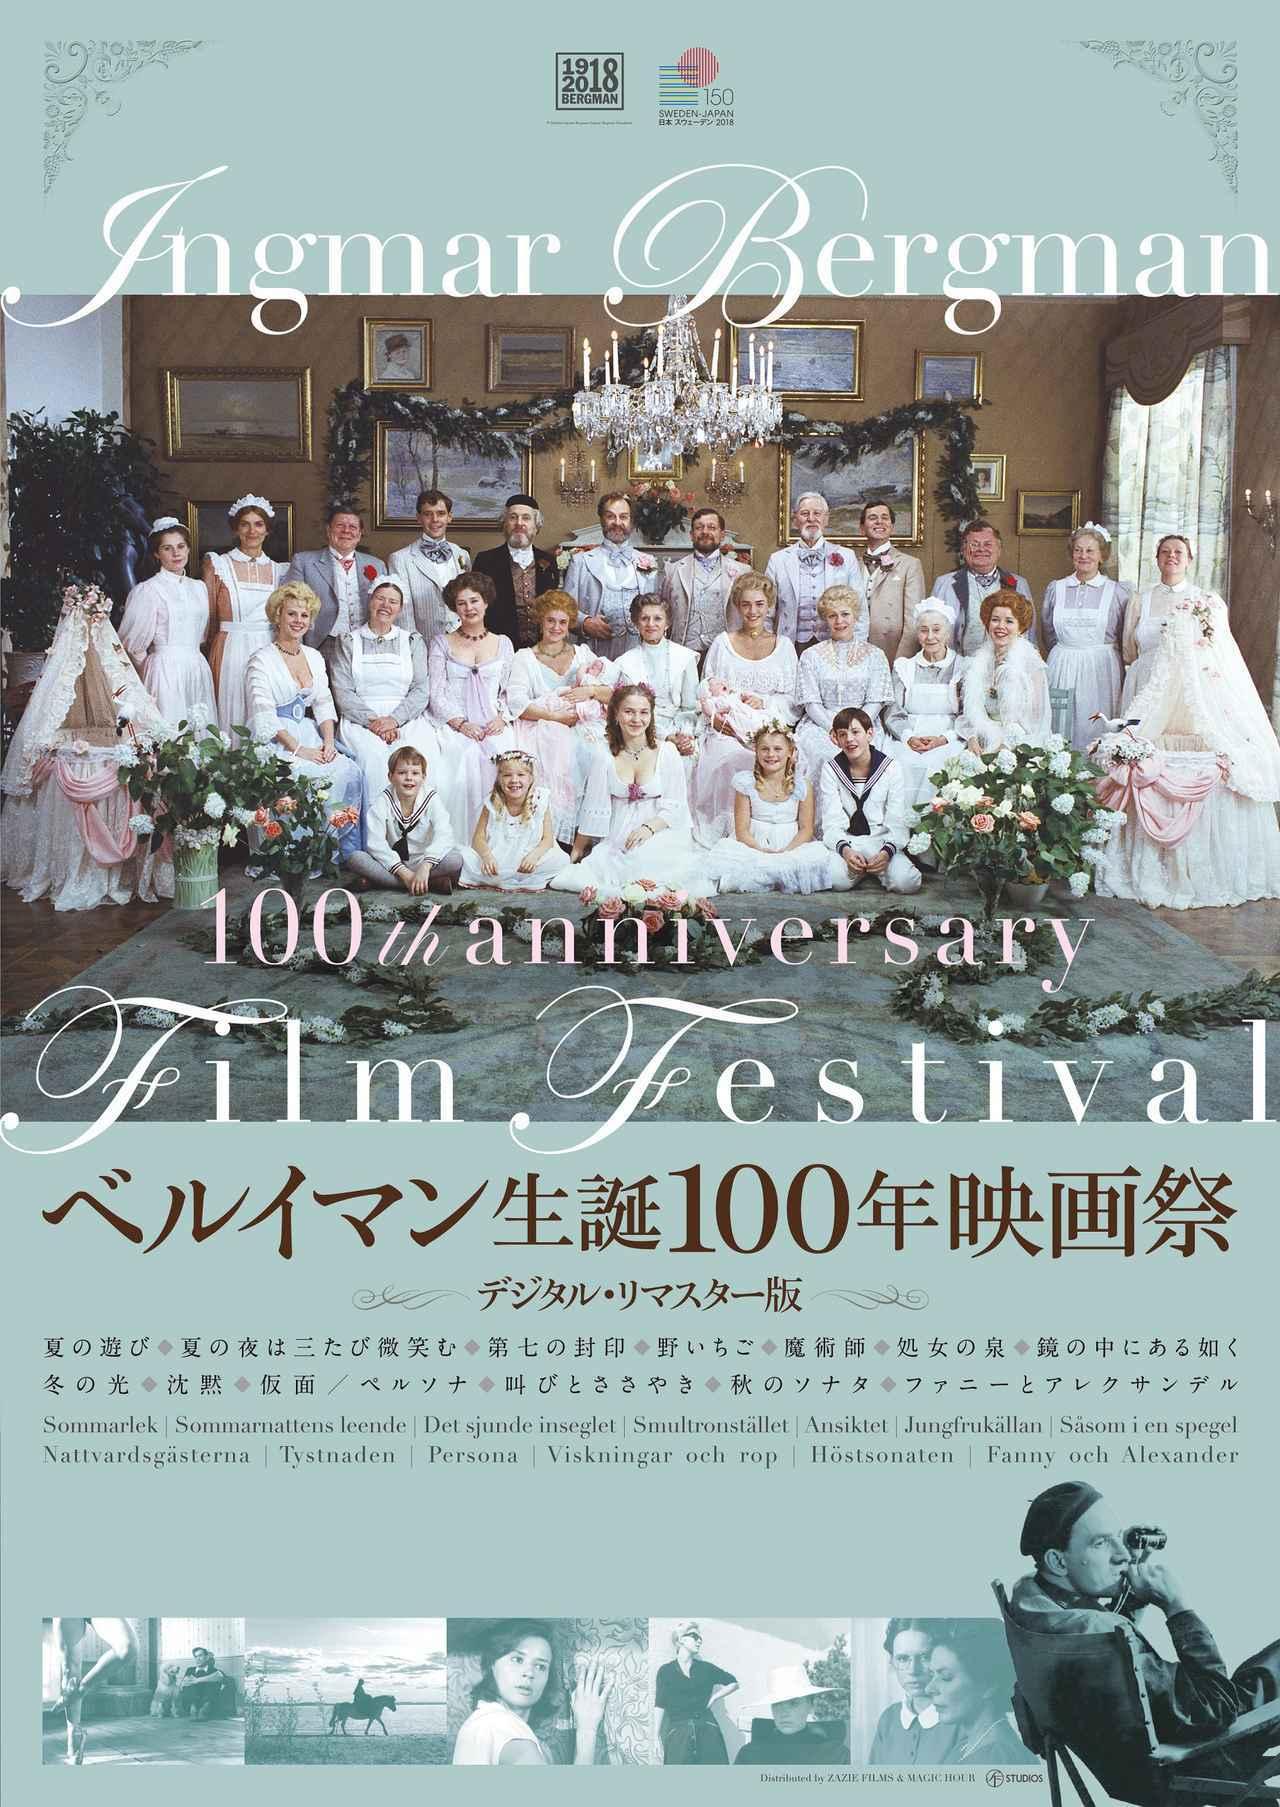 画像: キューブリックからドランまで著名監督15人がベルイマンへ寄せた言葉一挙公開!前夜祭や生誕祭イベントも発表!「ベルイマン生誕100年映画祭」